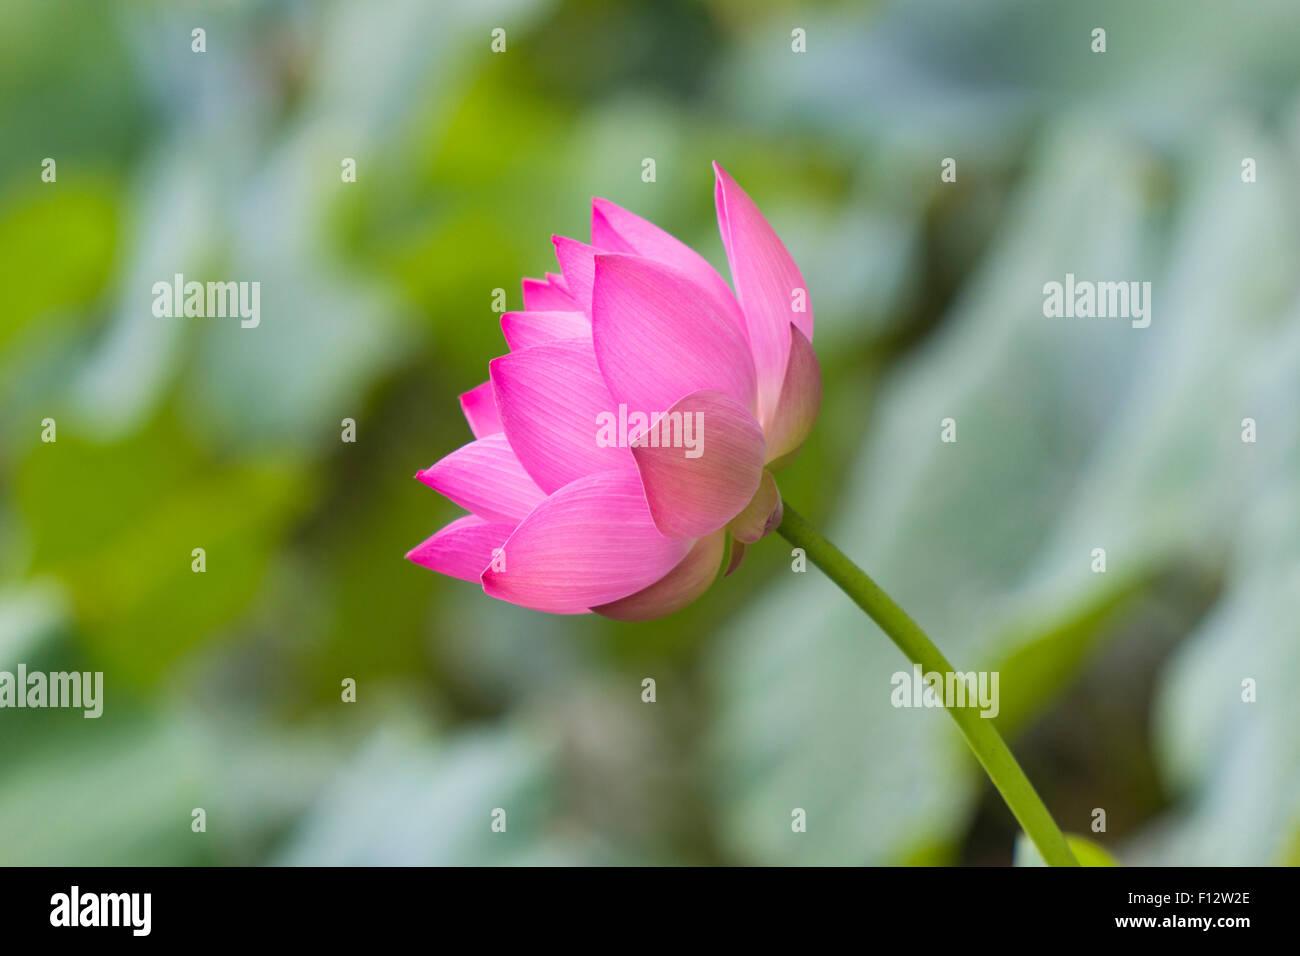 Lotus Blossom Closeup Stock Photos Lotus Blossom Closeup Stock